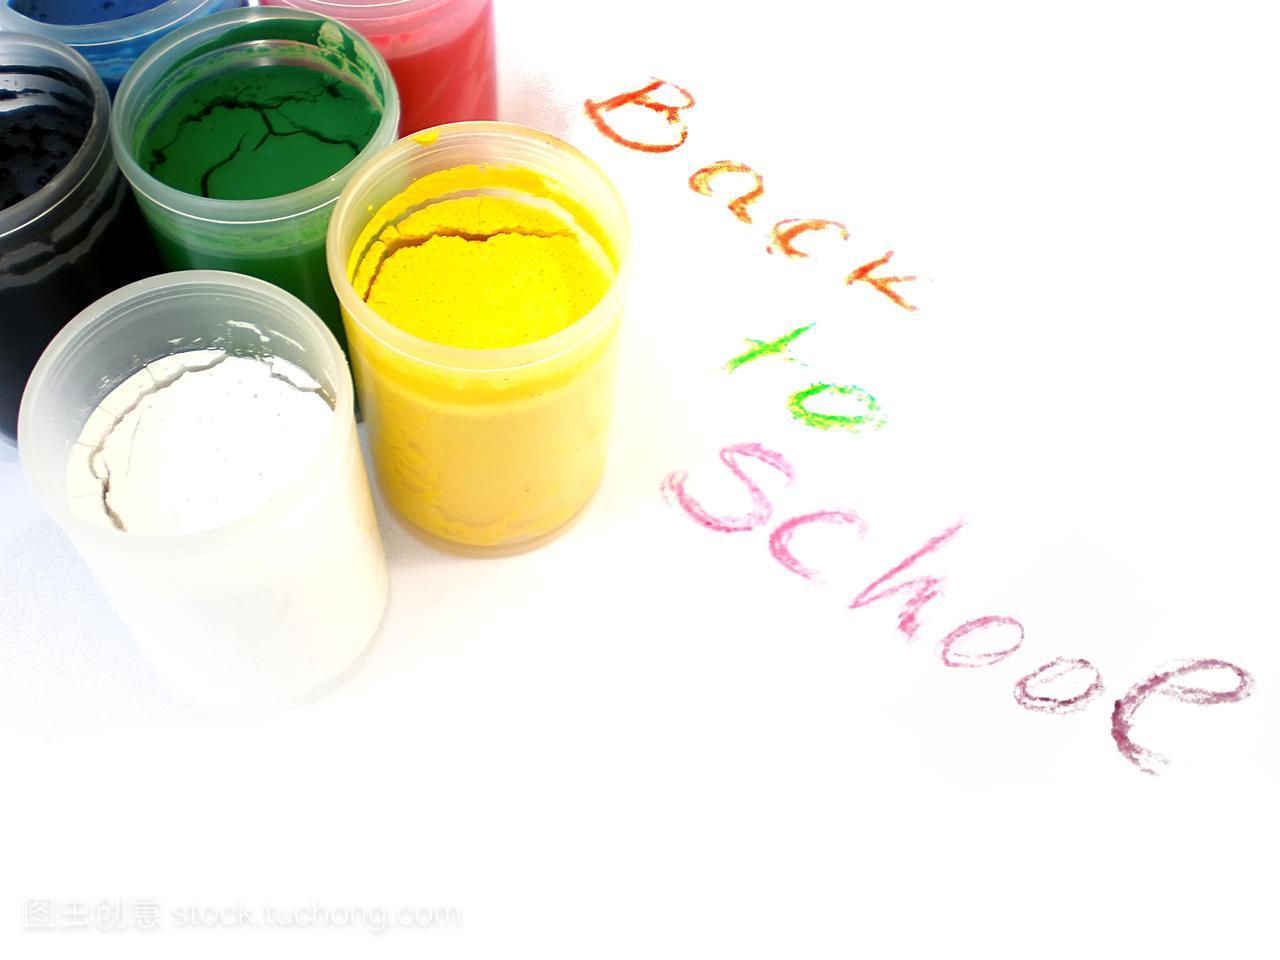 品种,一行,v品种,圆圈,图纸,图纸,图案,东西,写,圆圆形3d皮带扣仕爱马图片